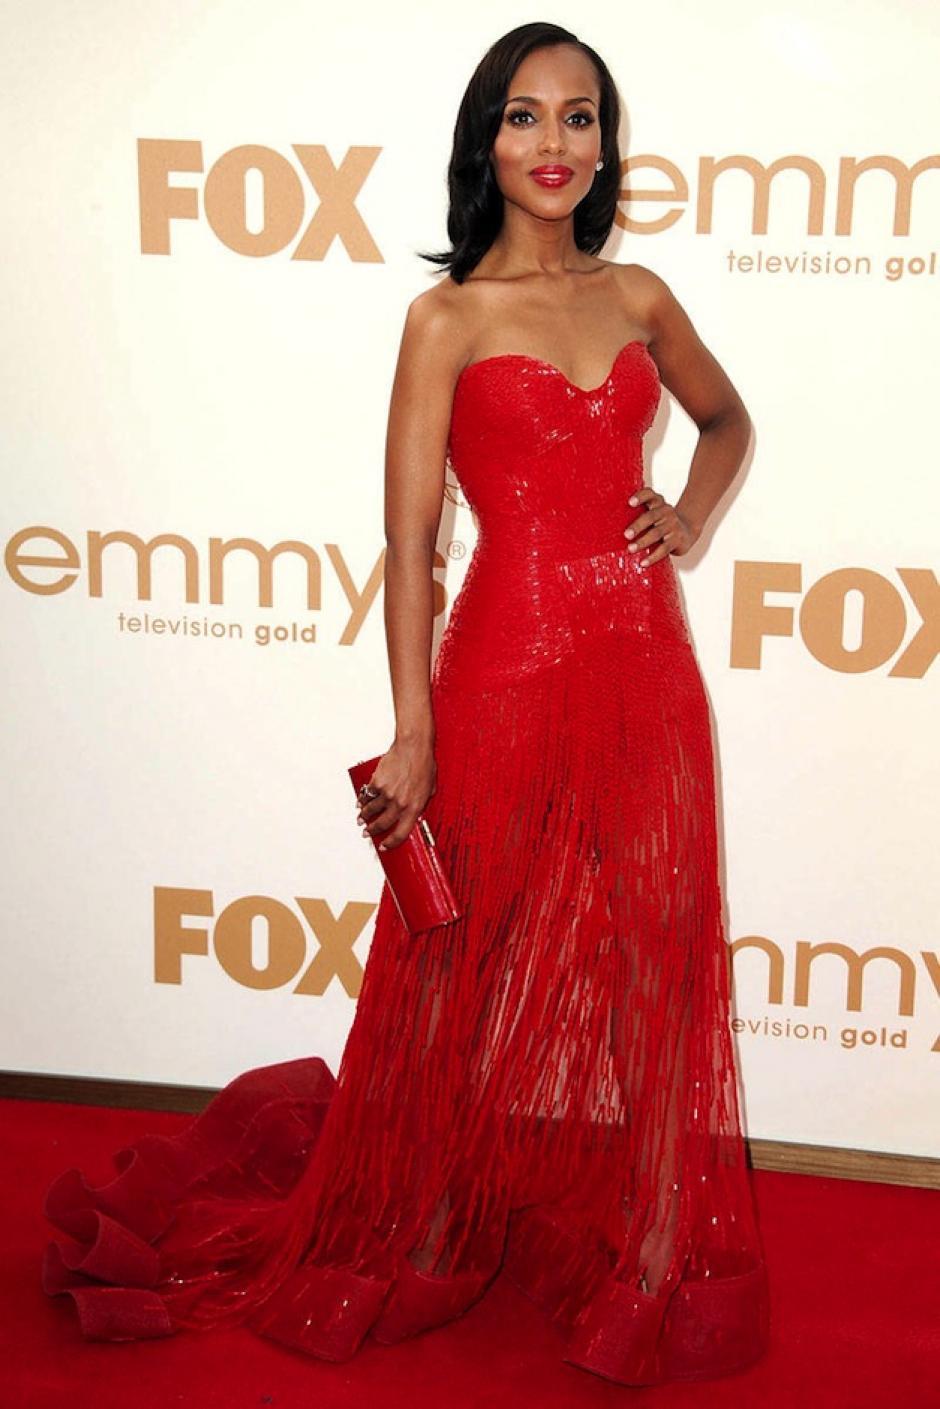 """Kerry Washington protagoniza la serie que también encabeza el top ten de mejores programas de televisión del 2013: """"Scandal"""". (Foto: Elle)"""